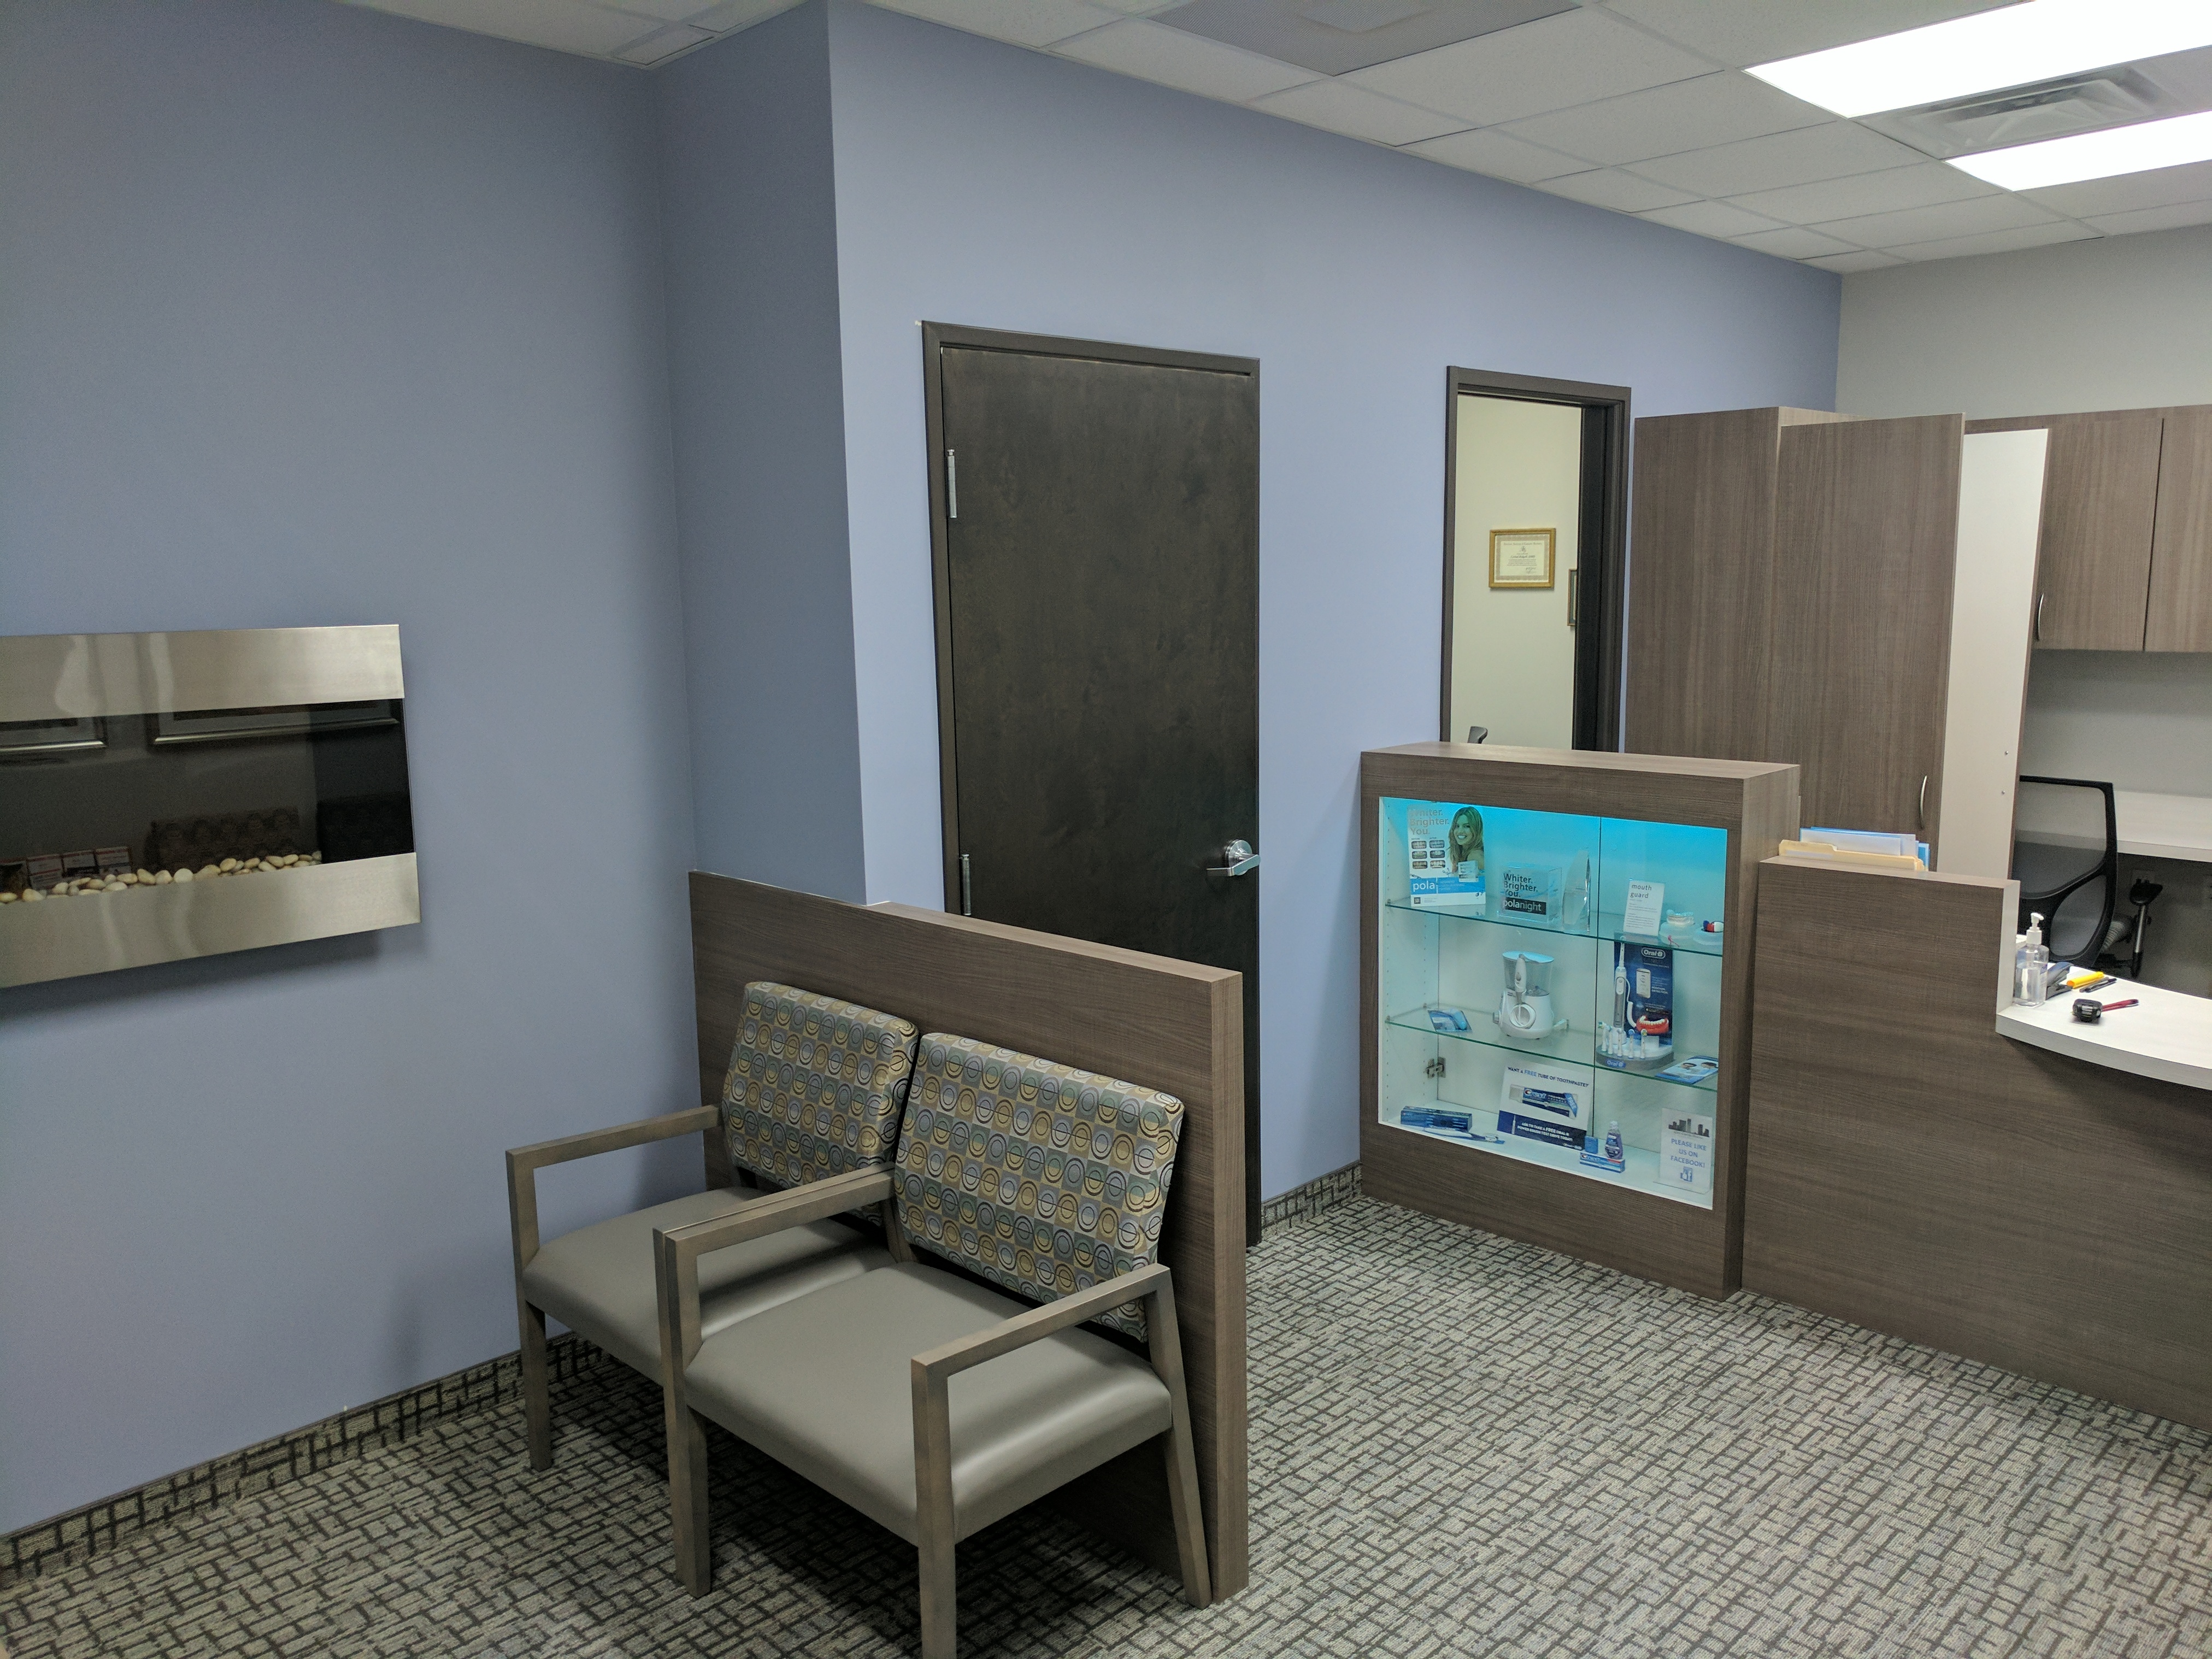 City Center Dental